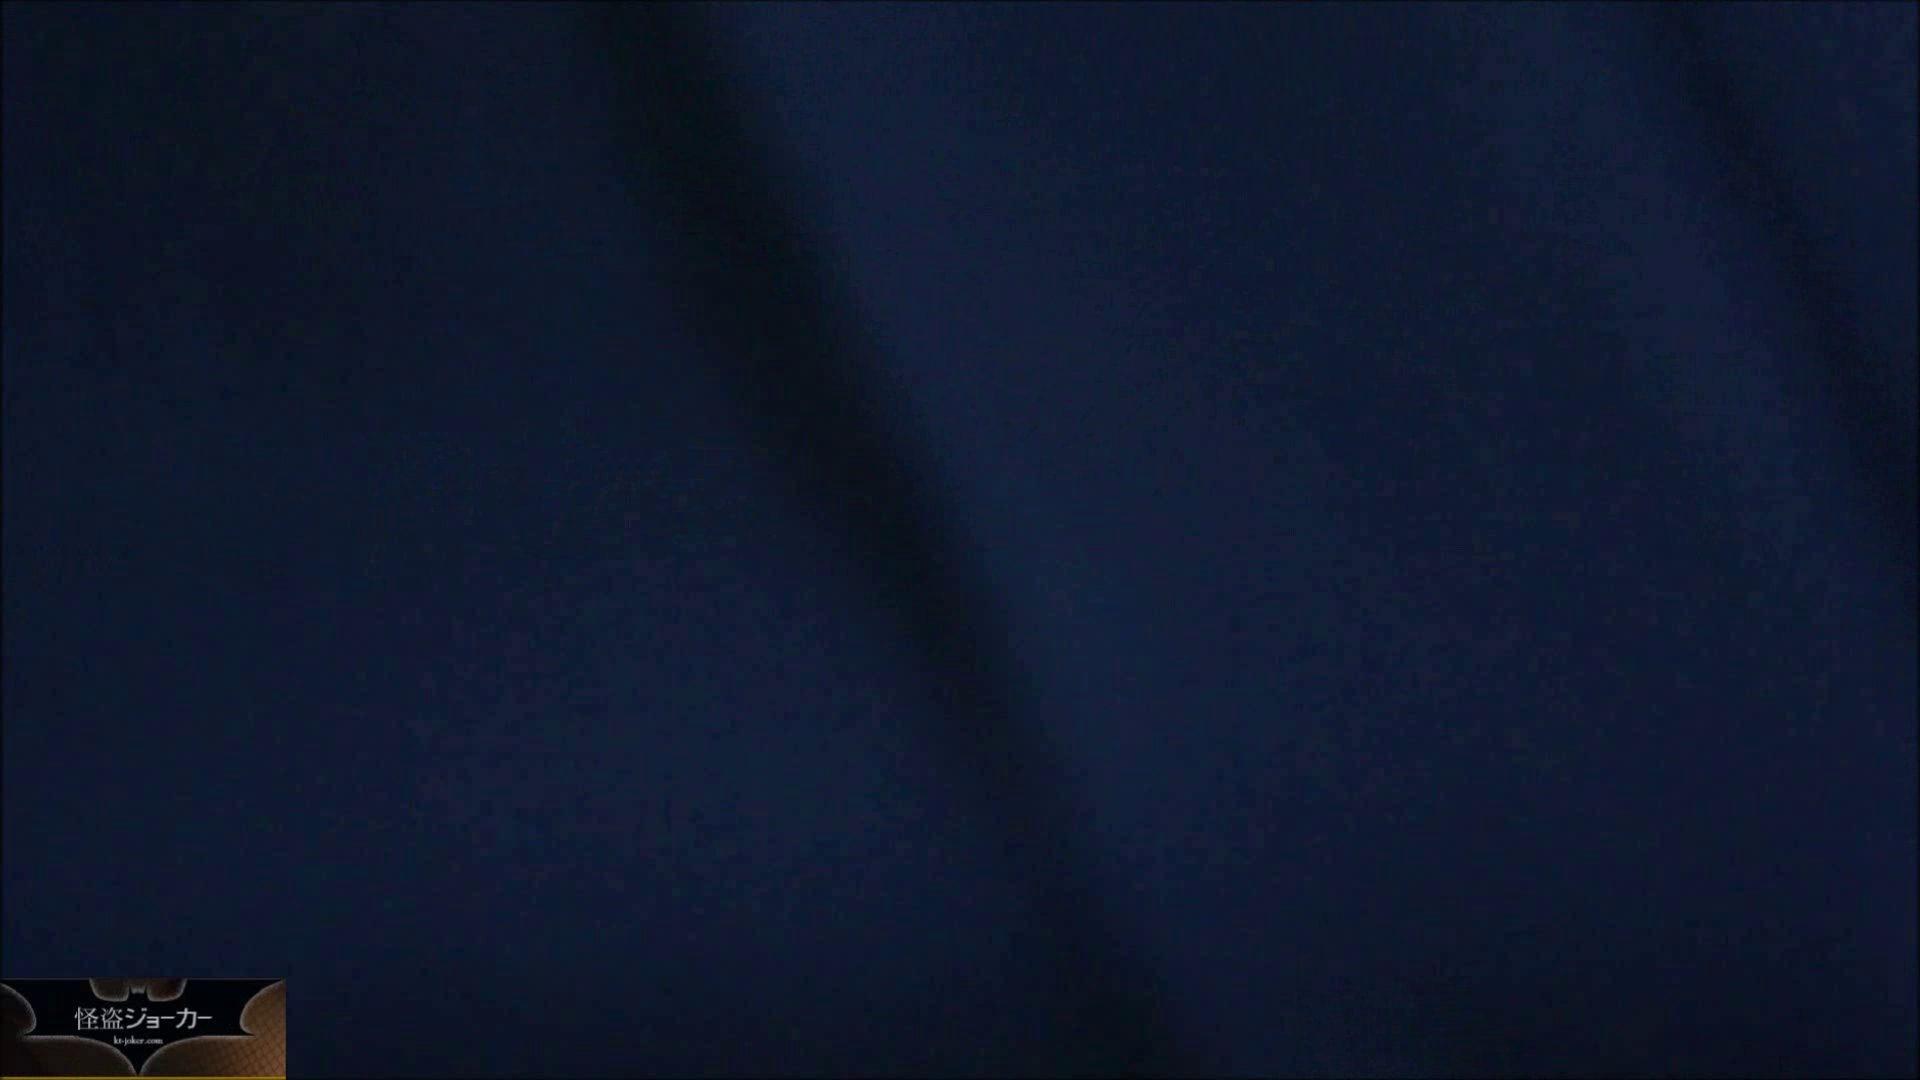 【未公開】vol.32 最後の制月反姿で目民る朋葉ちゃん・・・【番外編】 制服 盗撮動画紹介 92枚